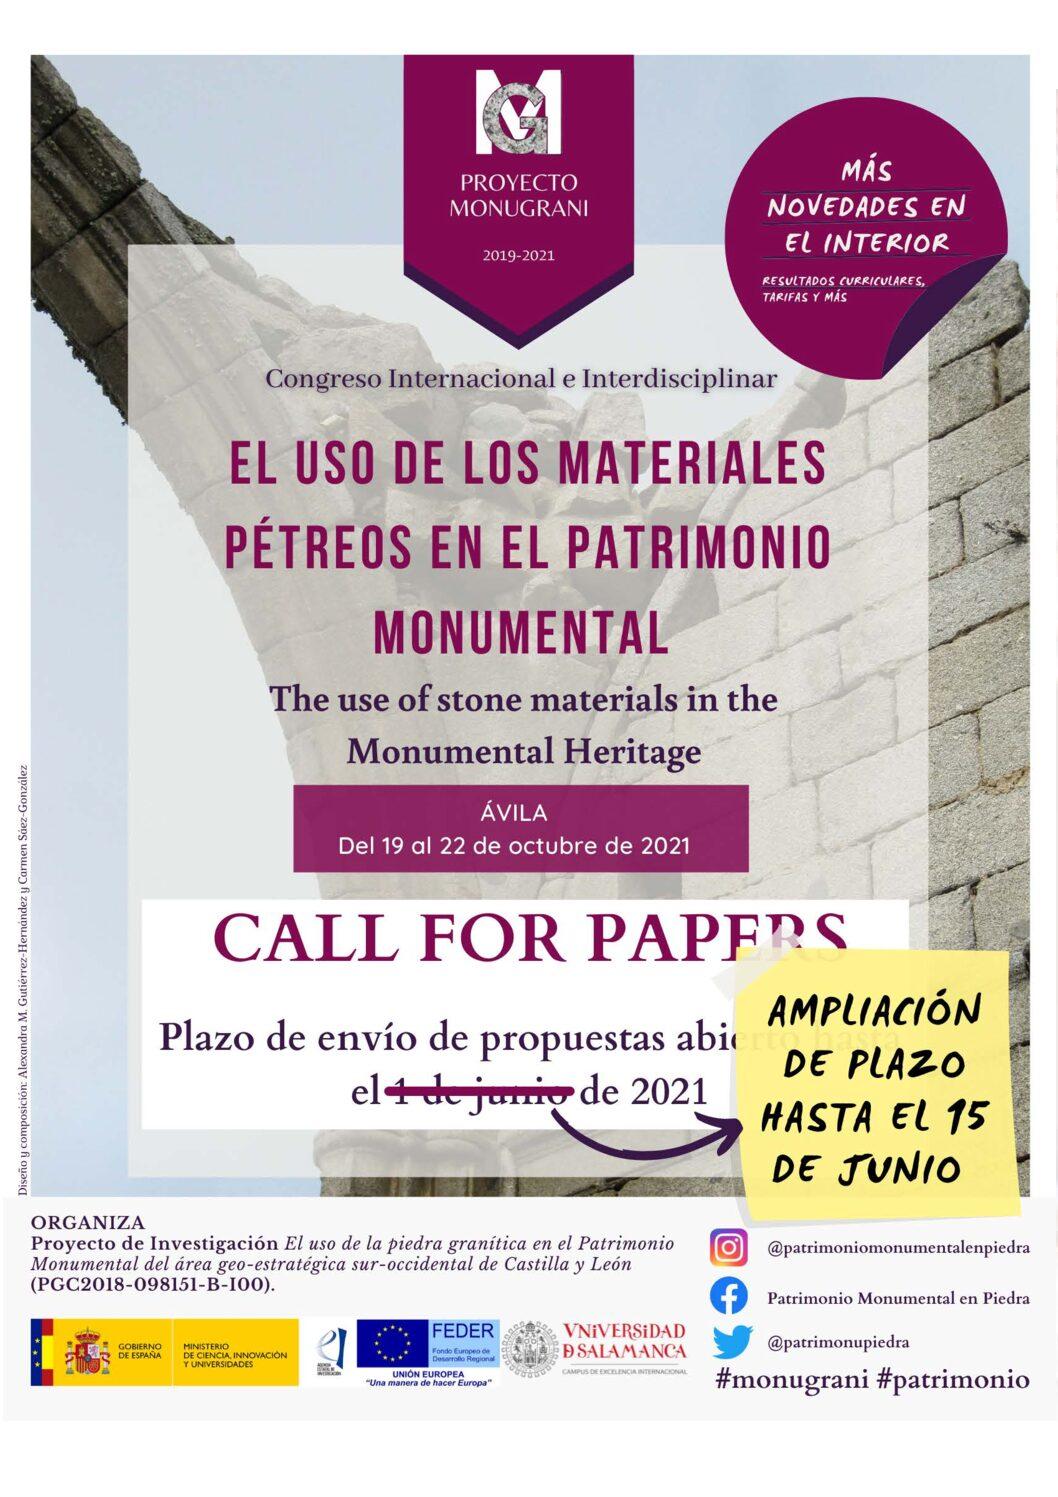 Congreso-El uso de los materiales pétreos en el Patrimonio Monumental